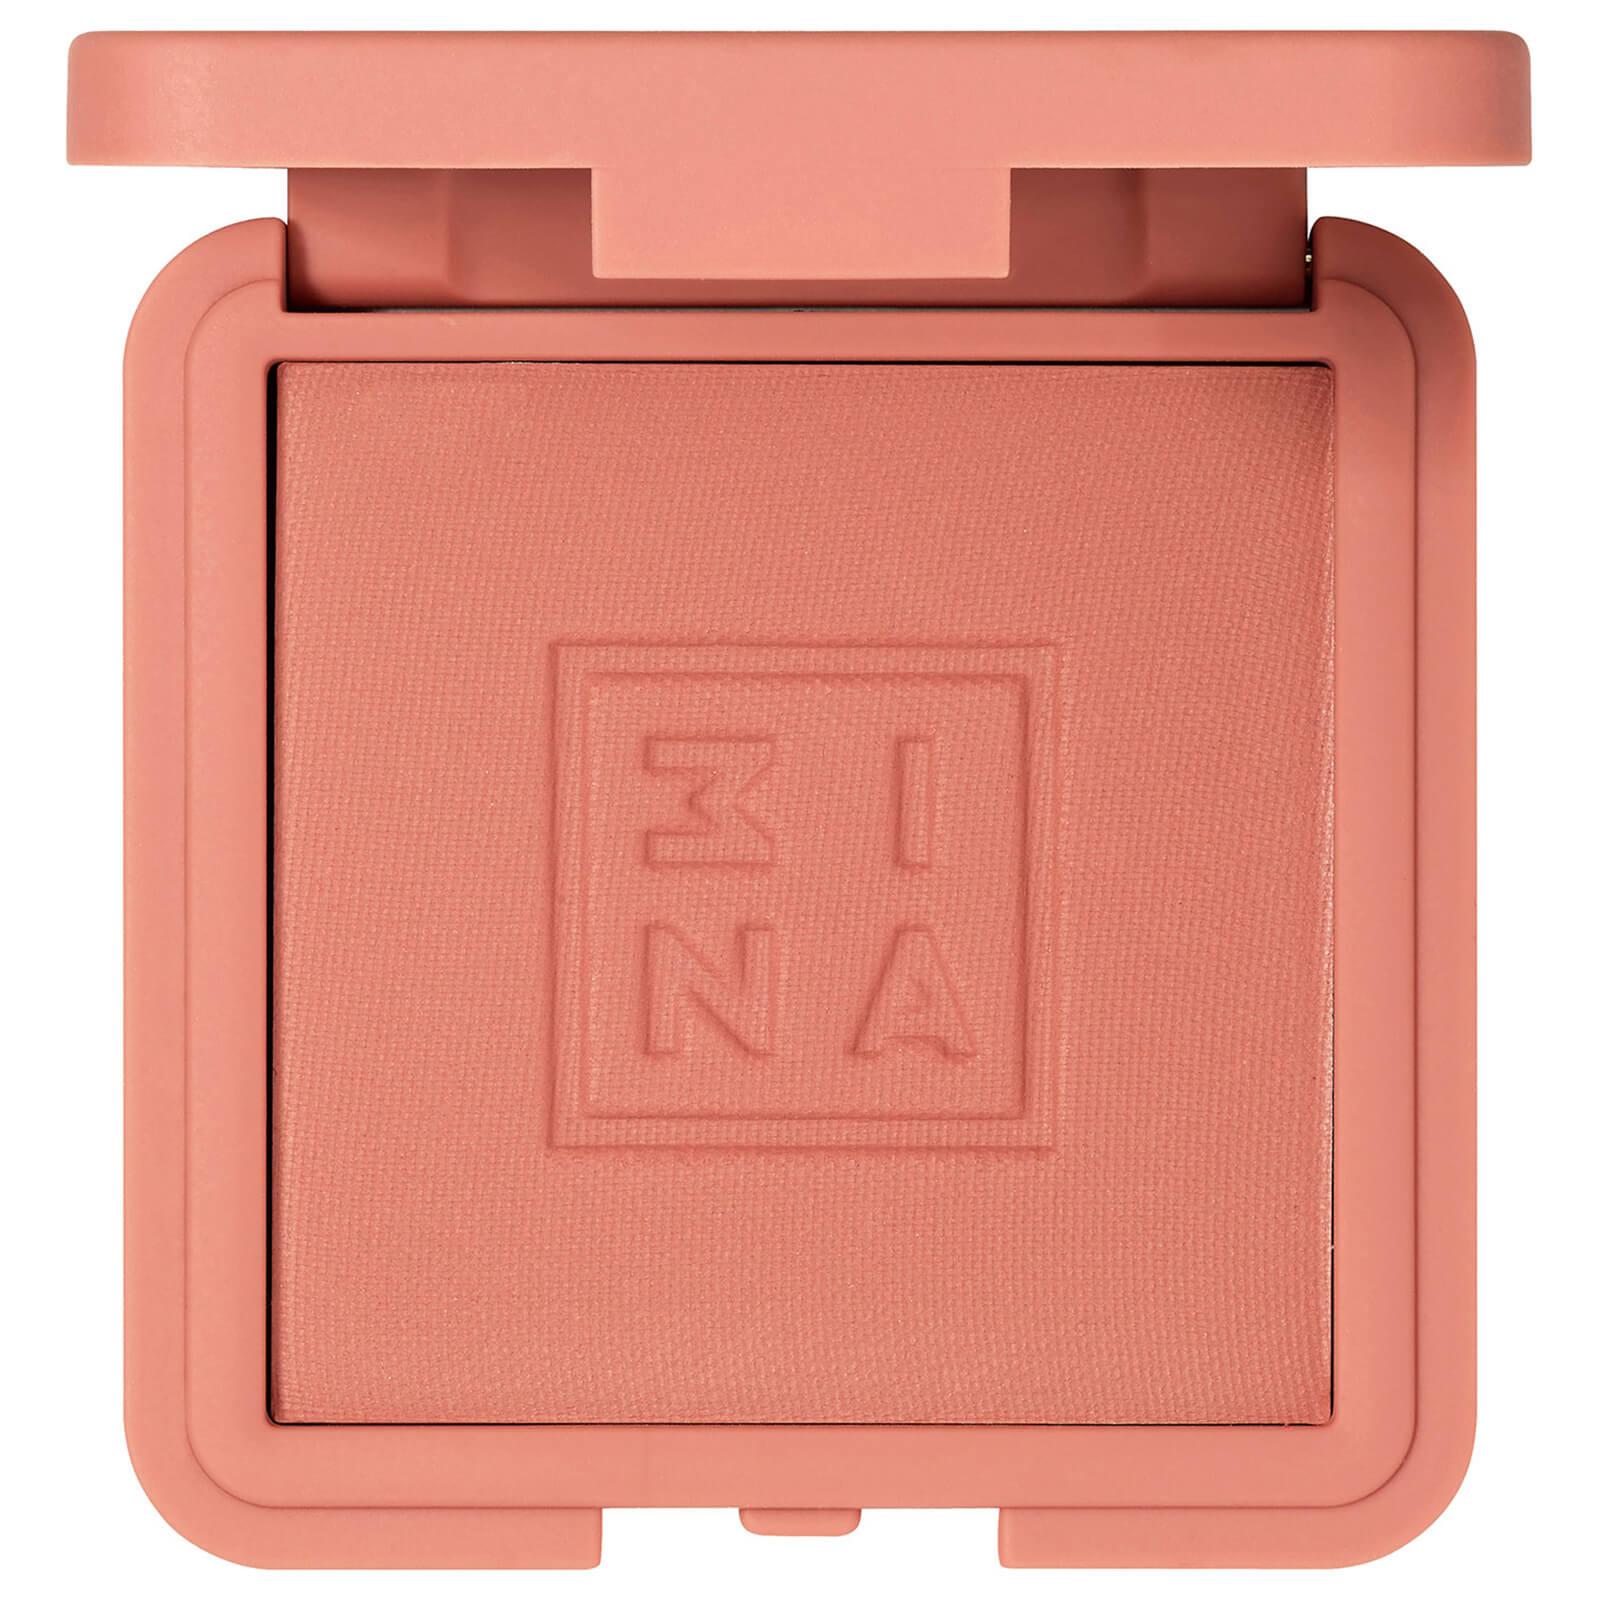 3INA Makeup The Blush 7.5g (Various Shades) - 369